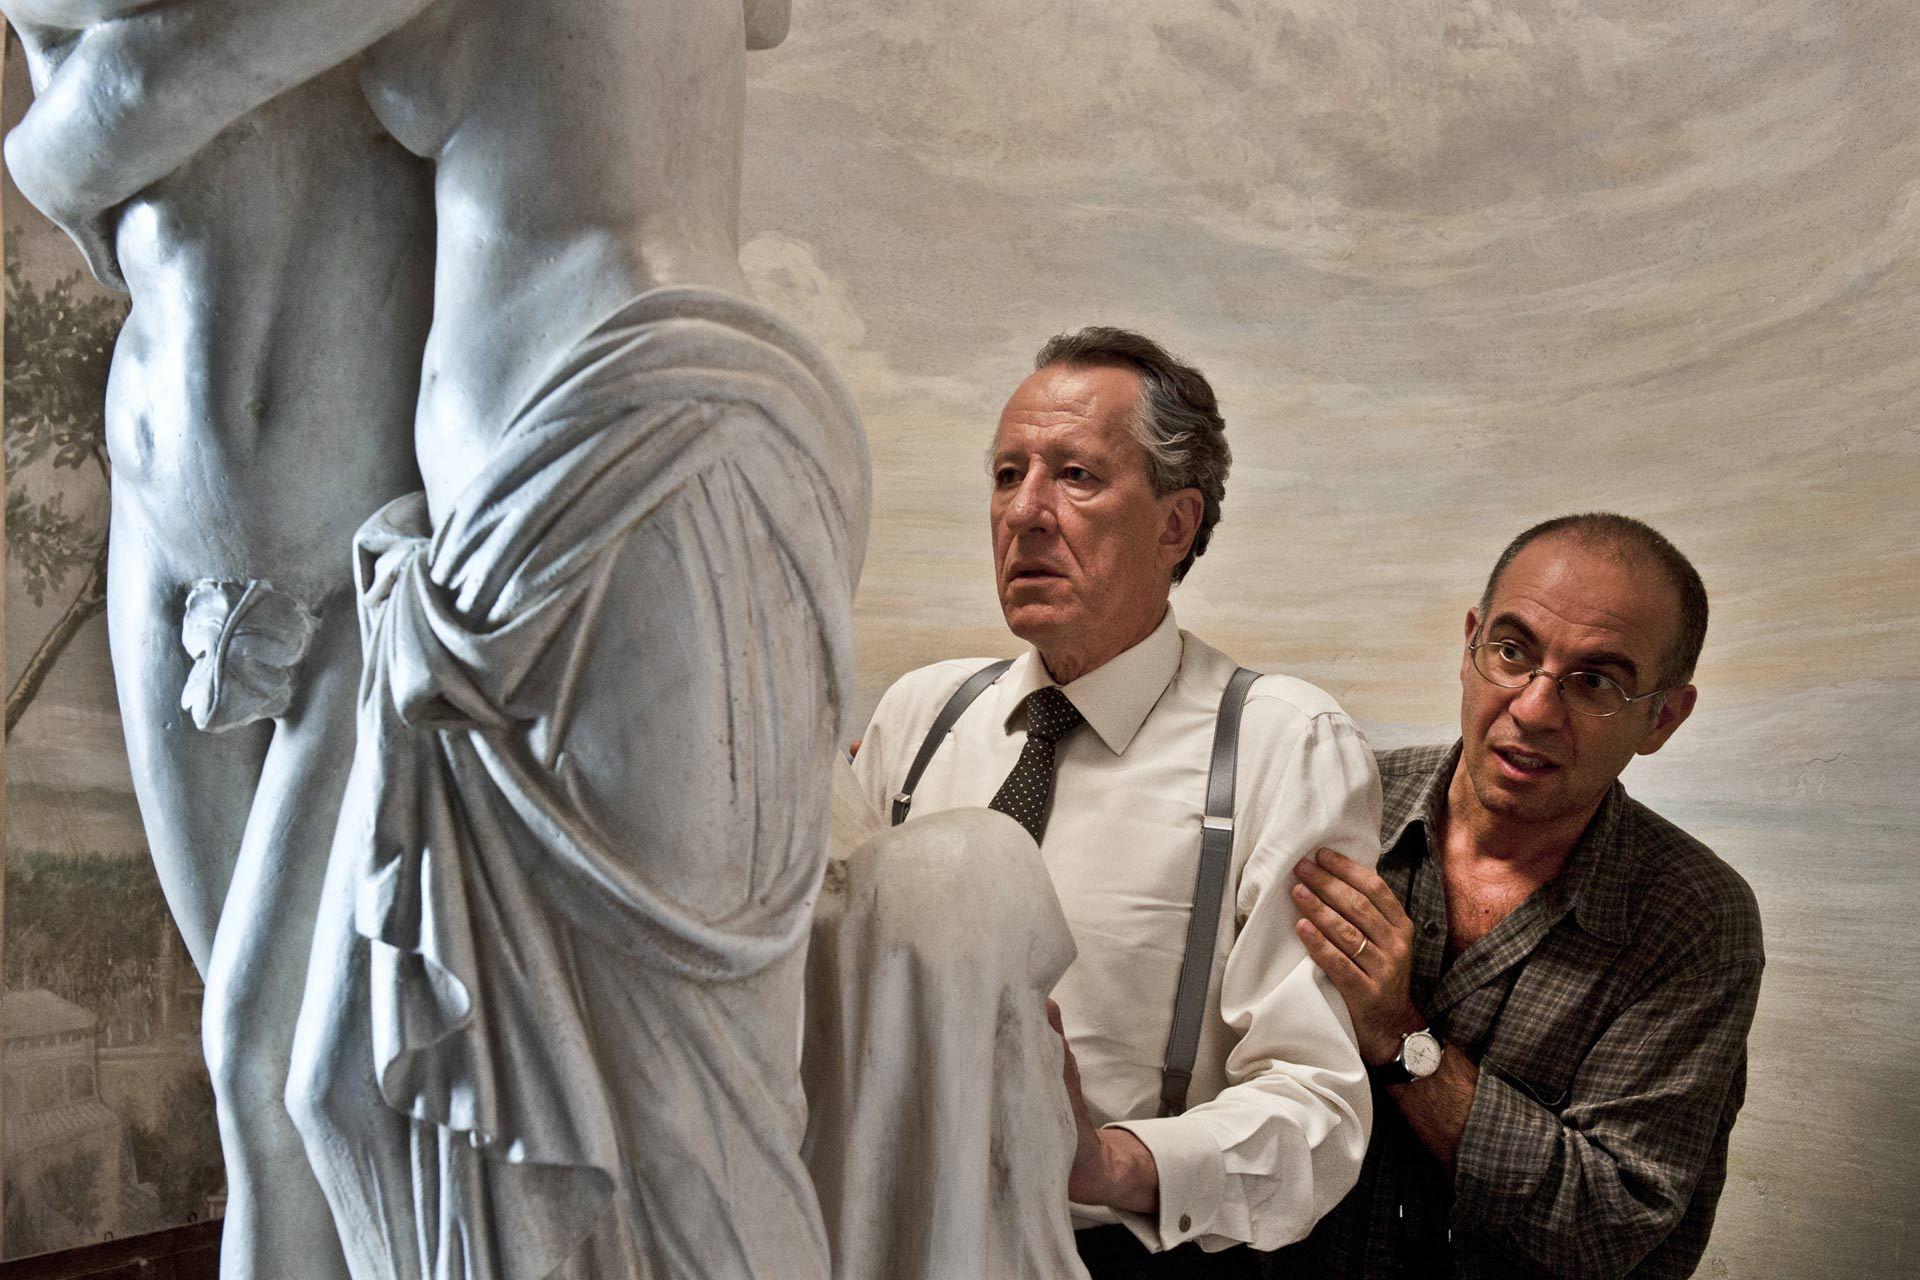 Geoffrey Rush and Giuseppe Tornatore in La migliore offerta (2013)